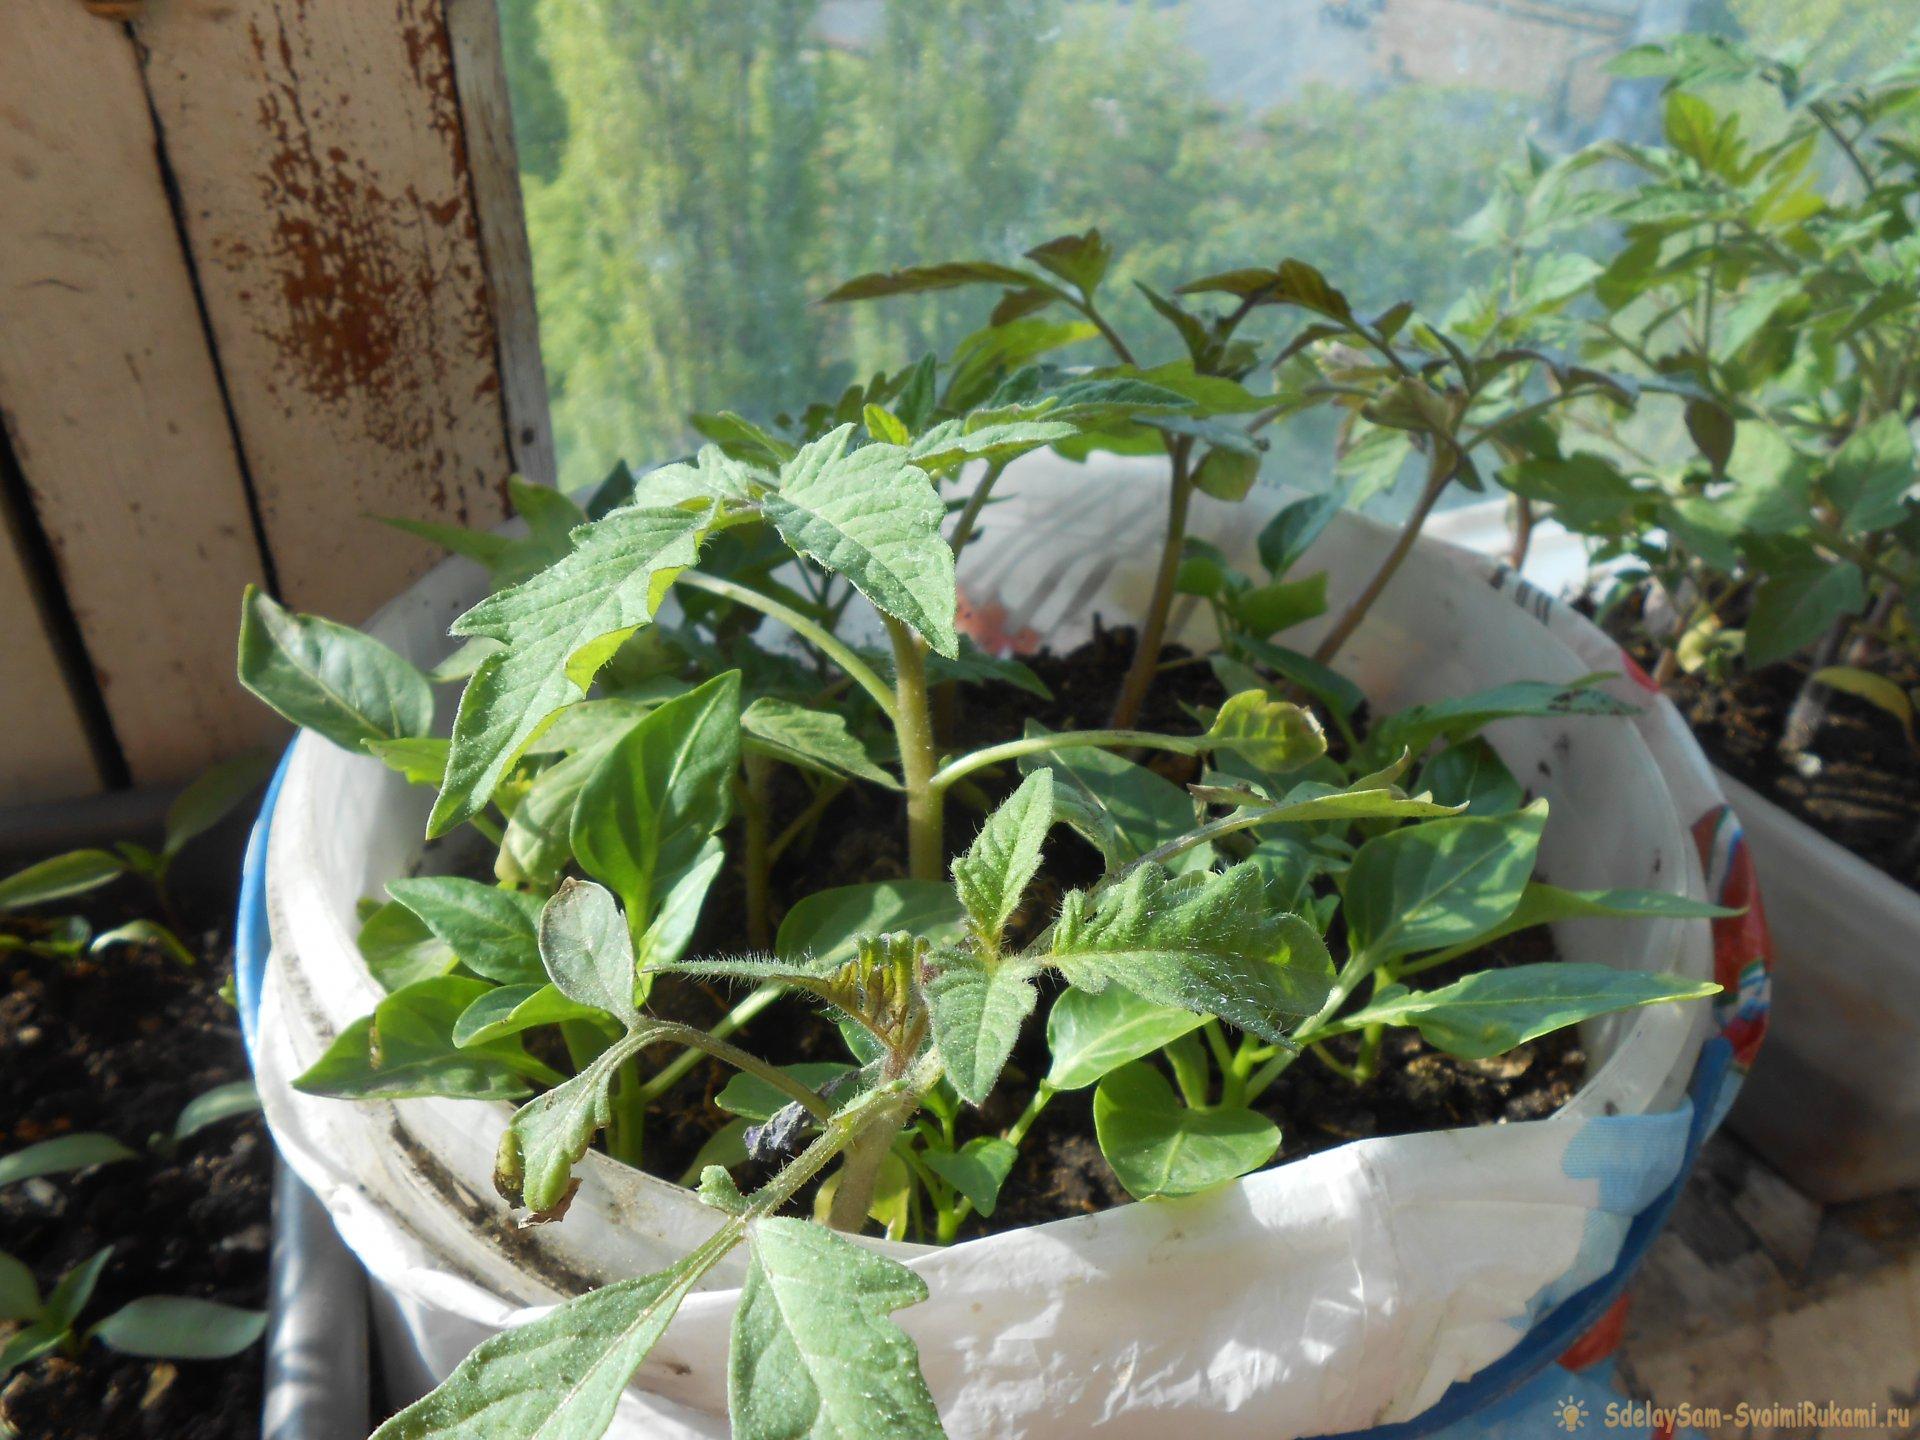 Лайфхак садоводу: Стимуляция корнеобразования рассады с помощью янтарной кислоты